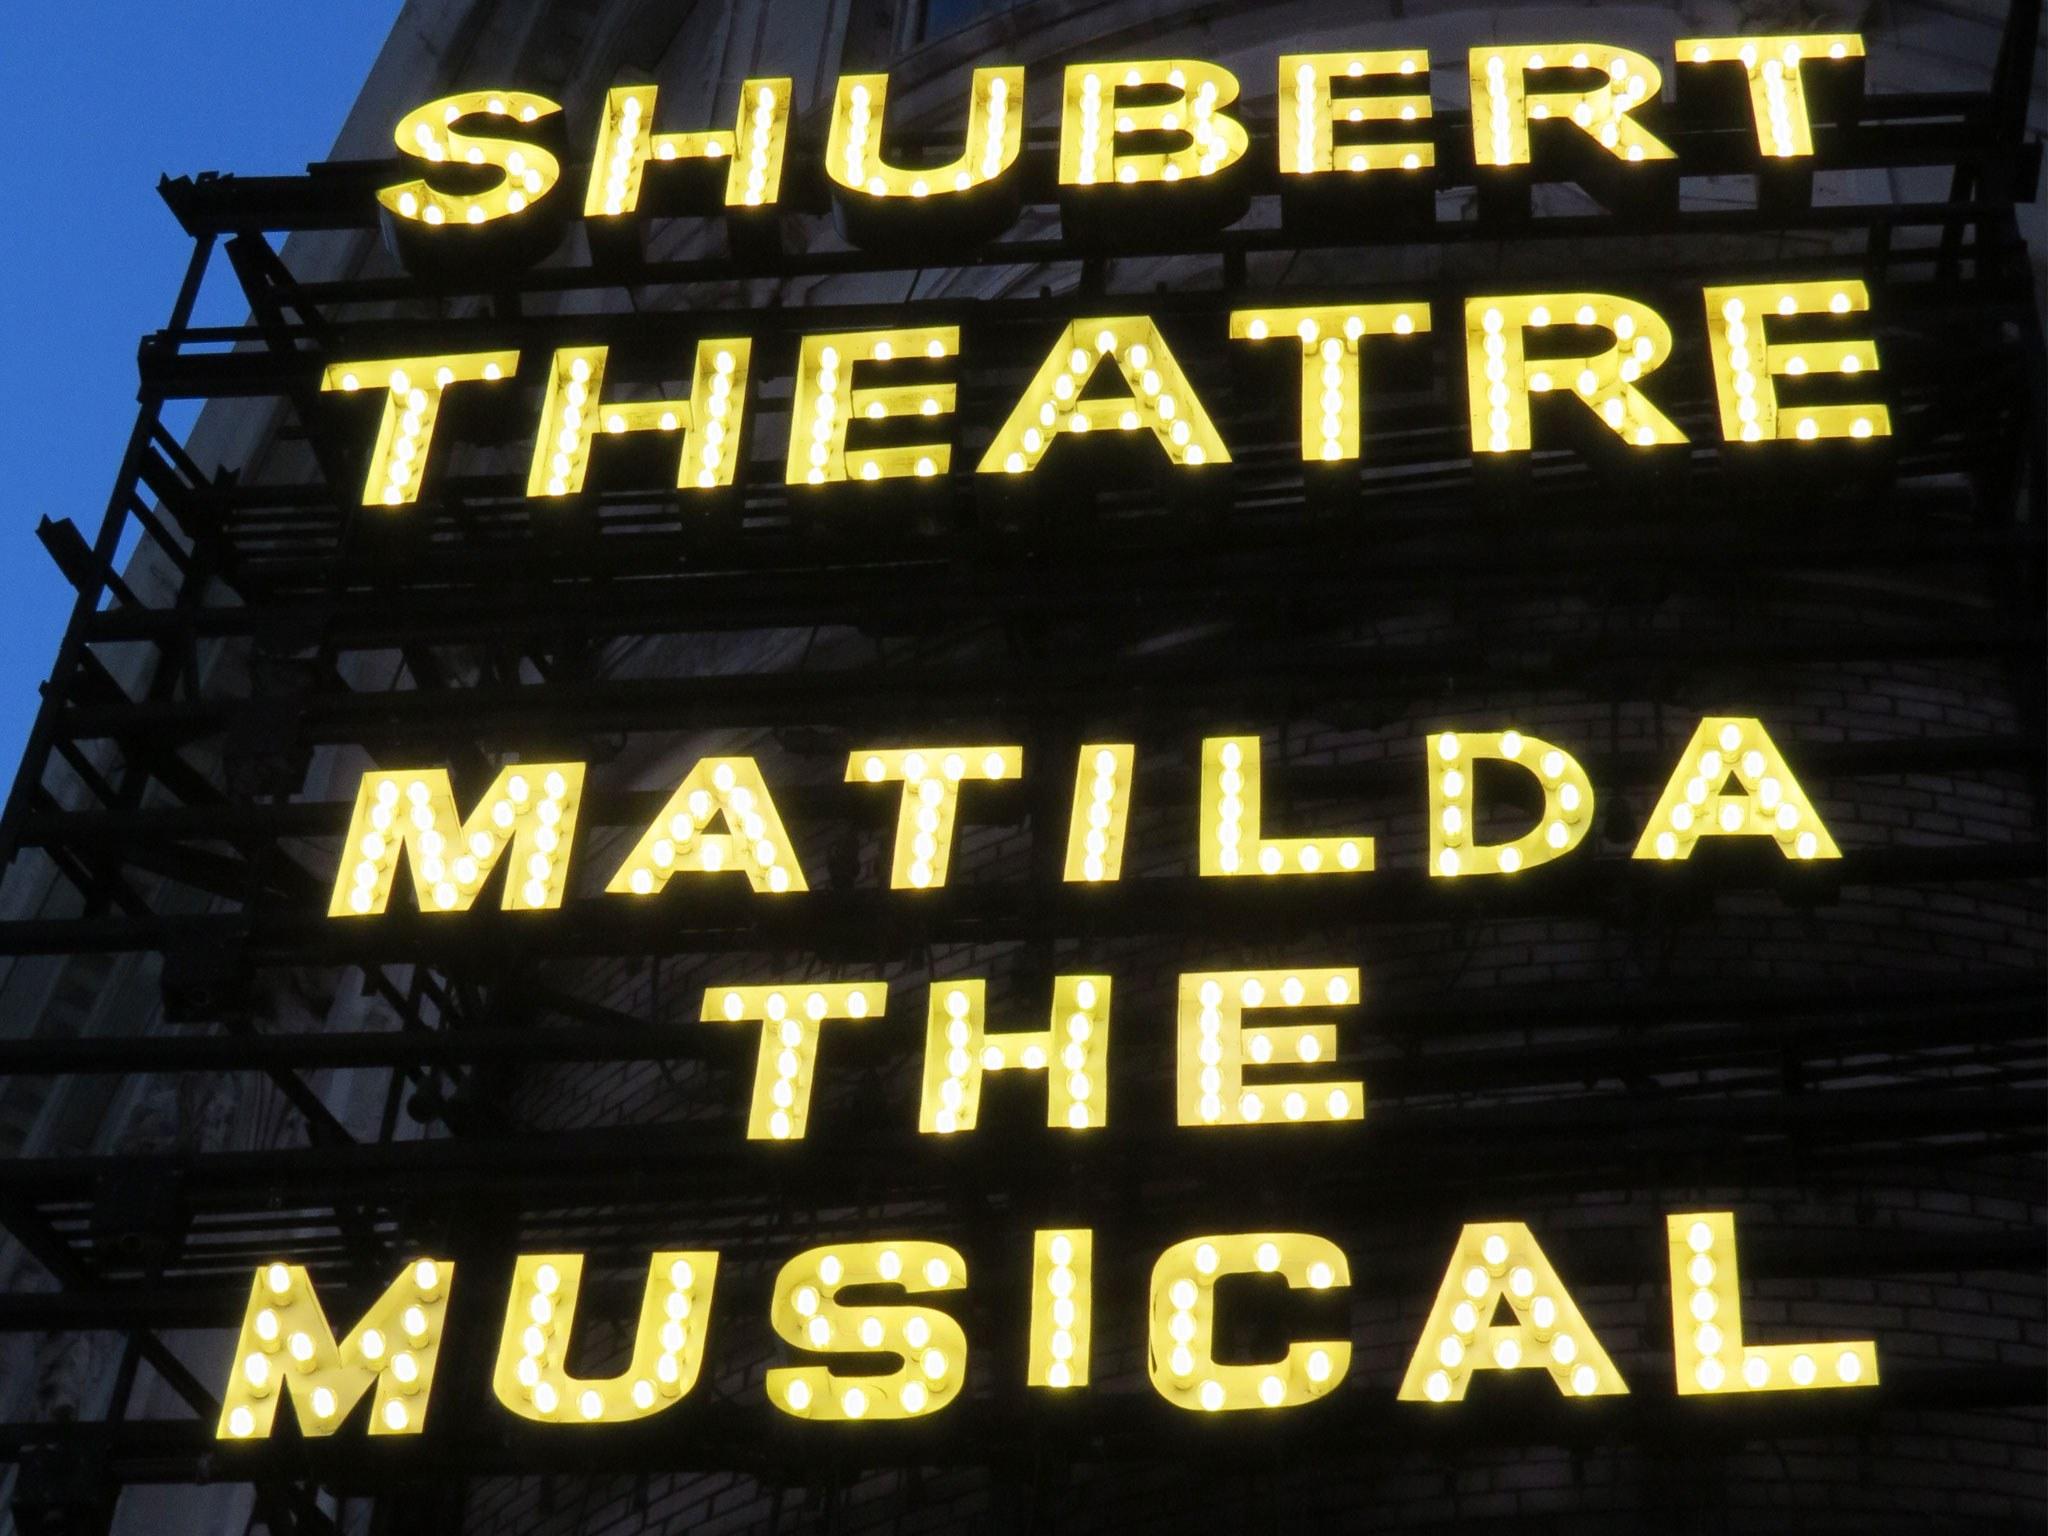 Matilda Marquee